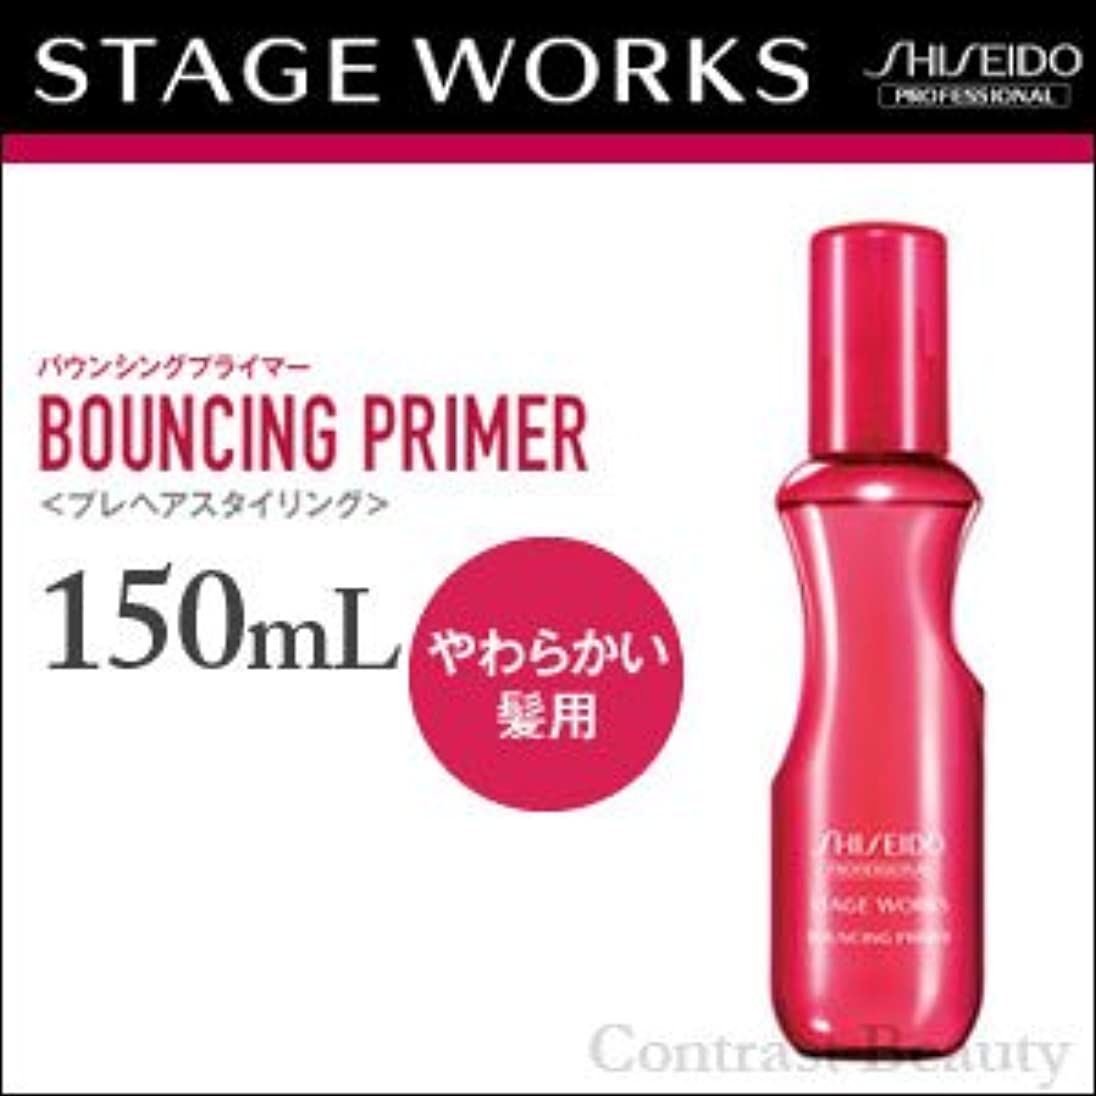 仮説永続噴火【x5個セット】 資生堂 ステージワークス バウンシングプライマー 150ml